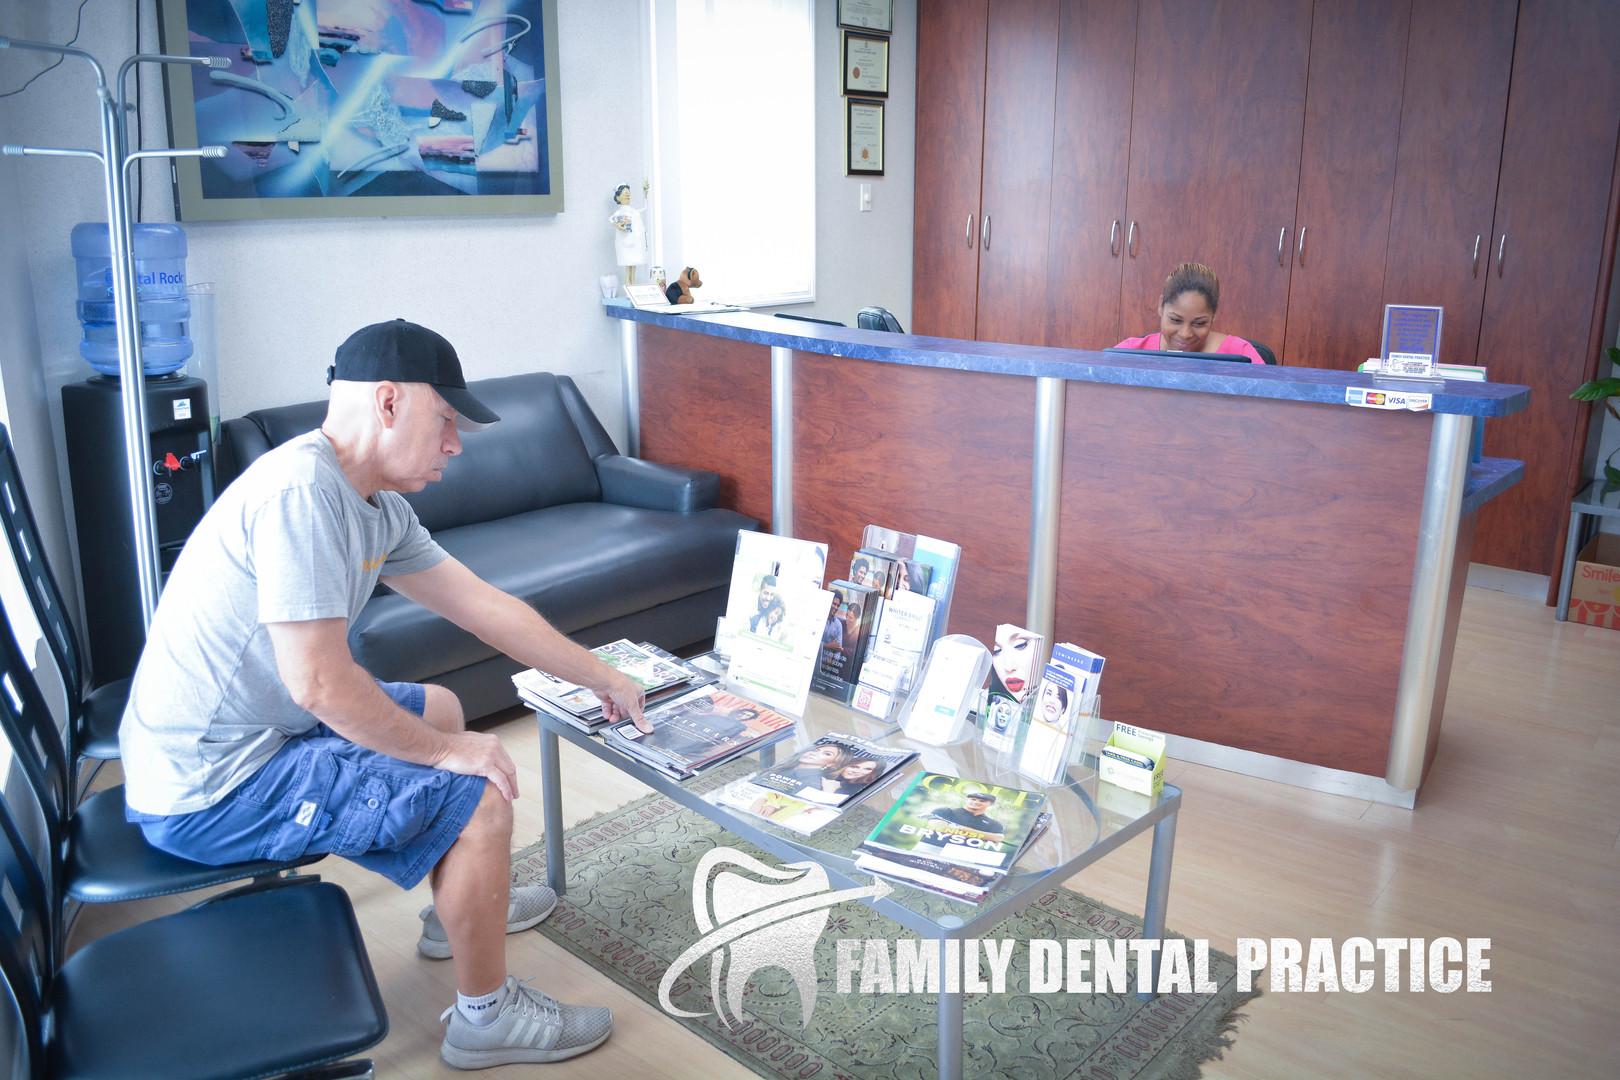 dental practice stamford customers.jpg